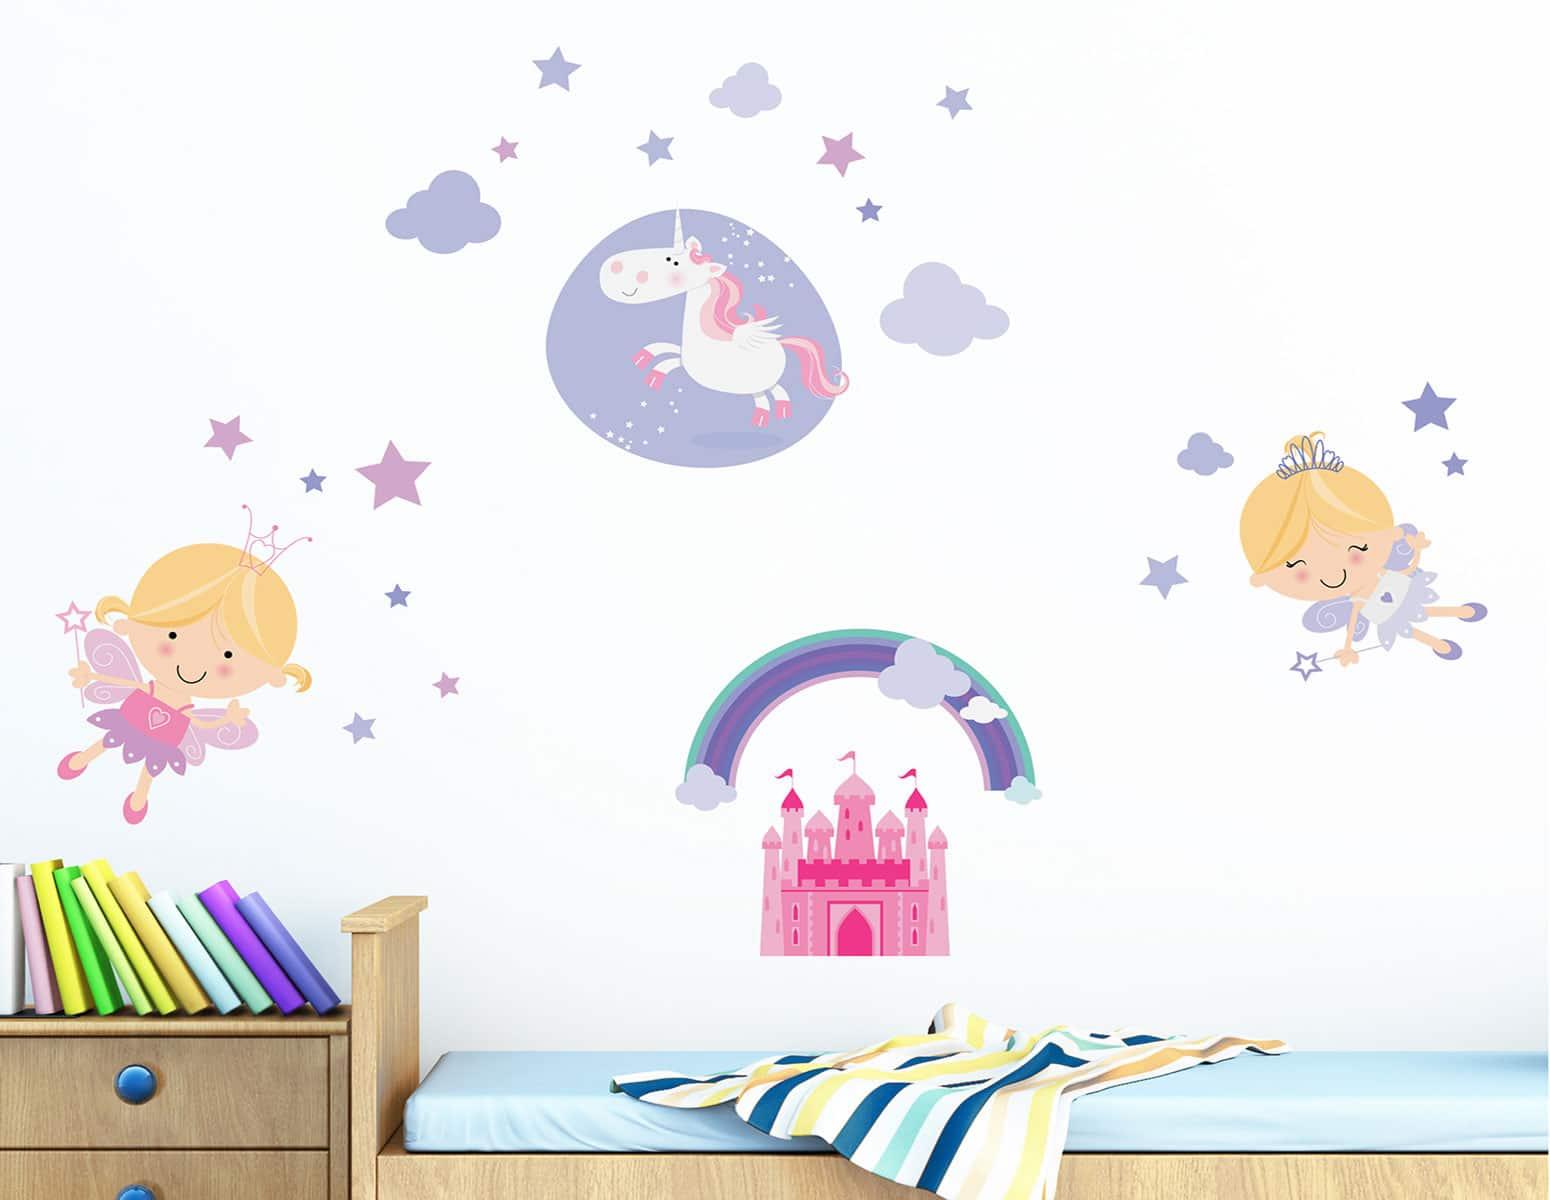 Αυτοκόλλητο Τοίχου Happy Fairies Ango 120×80εκ. 18106 – ango – ANGO_18106